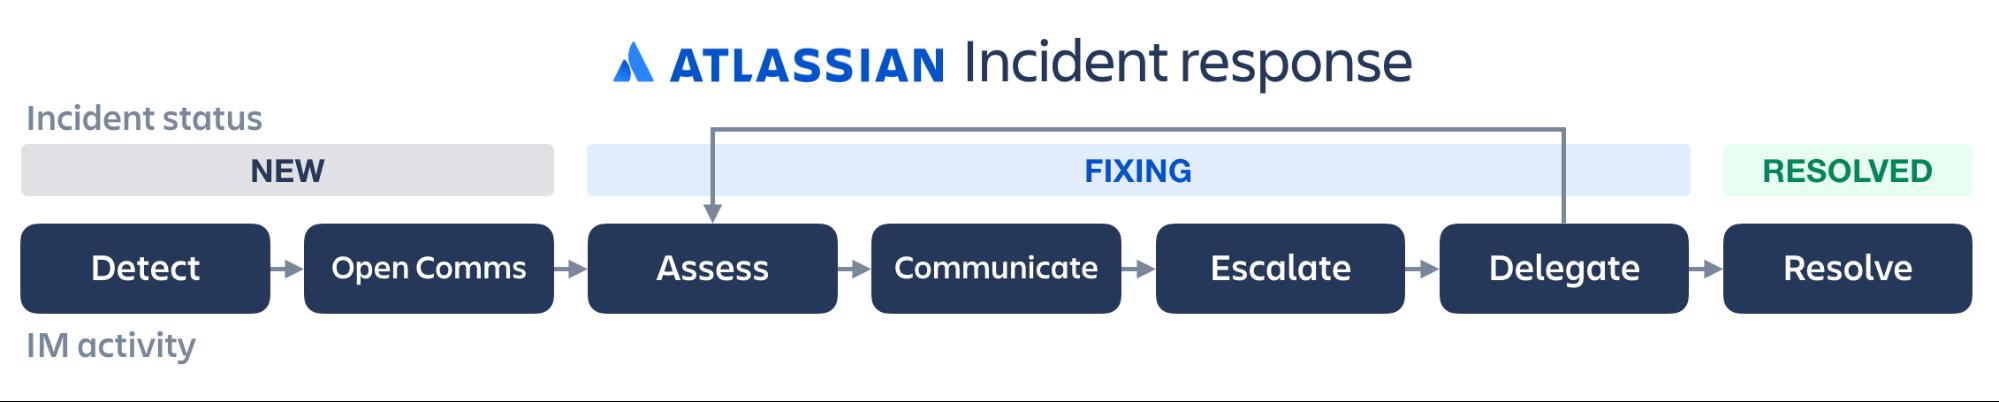 インシデント対応のイラスト: 検出、コミュニケーションの開始、評価、コミュニケーション、エスカレーション、権限委譲、解決